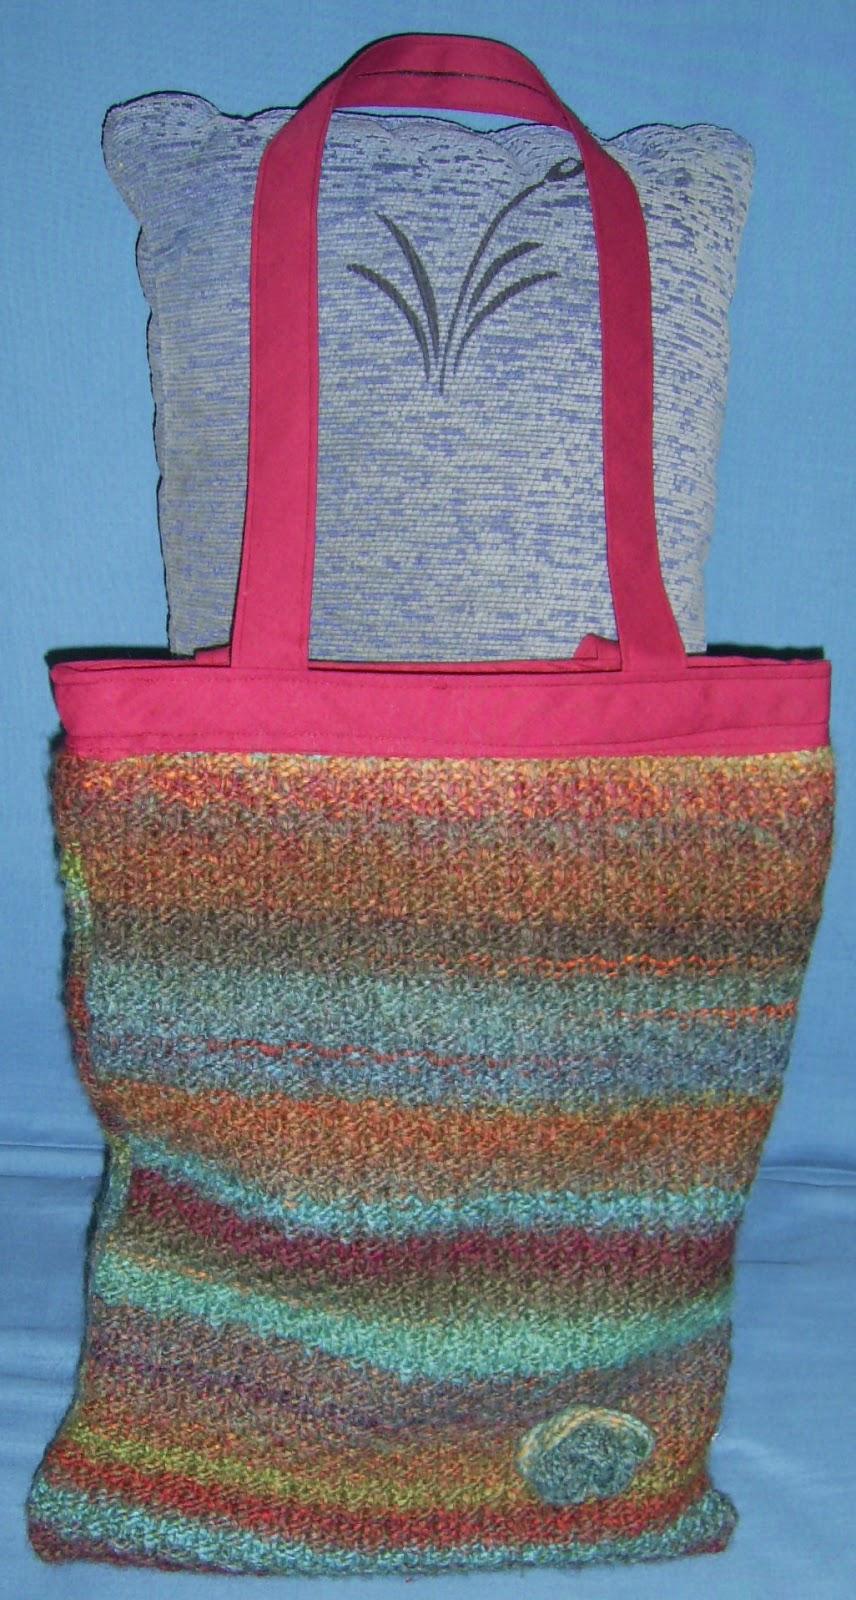 Mirar leer saber manualidades bolso de lana - Manualidades en lana ...